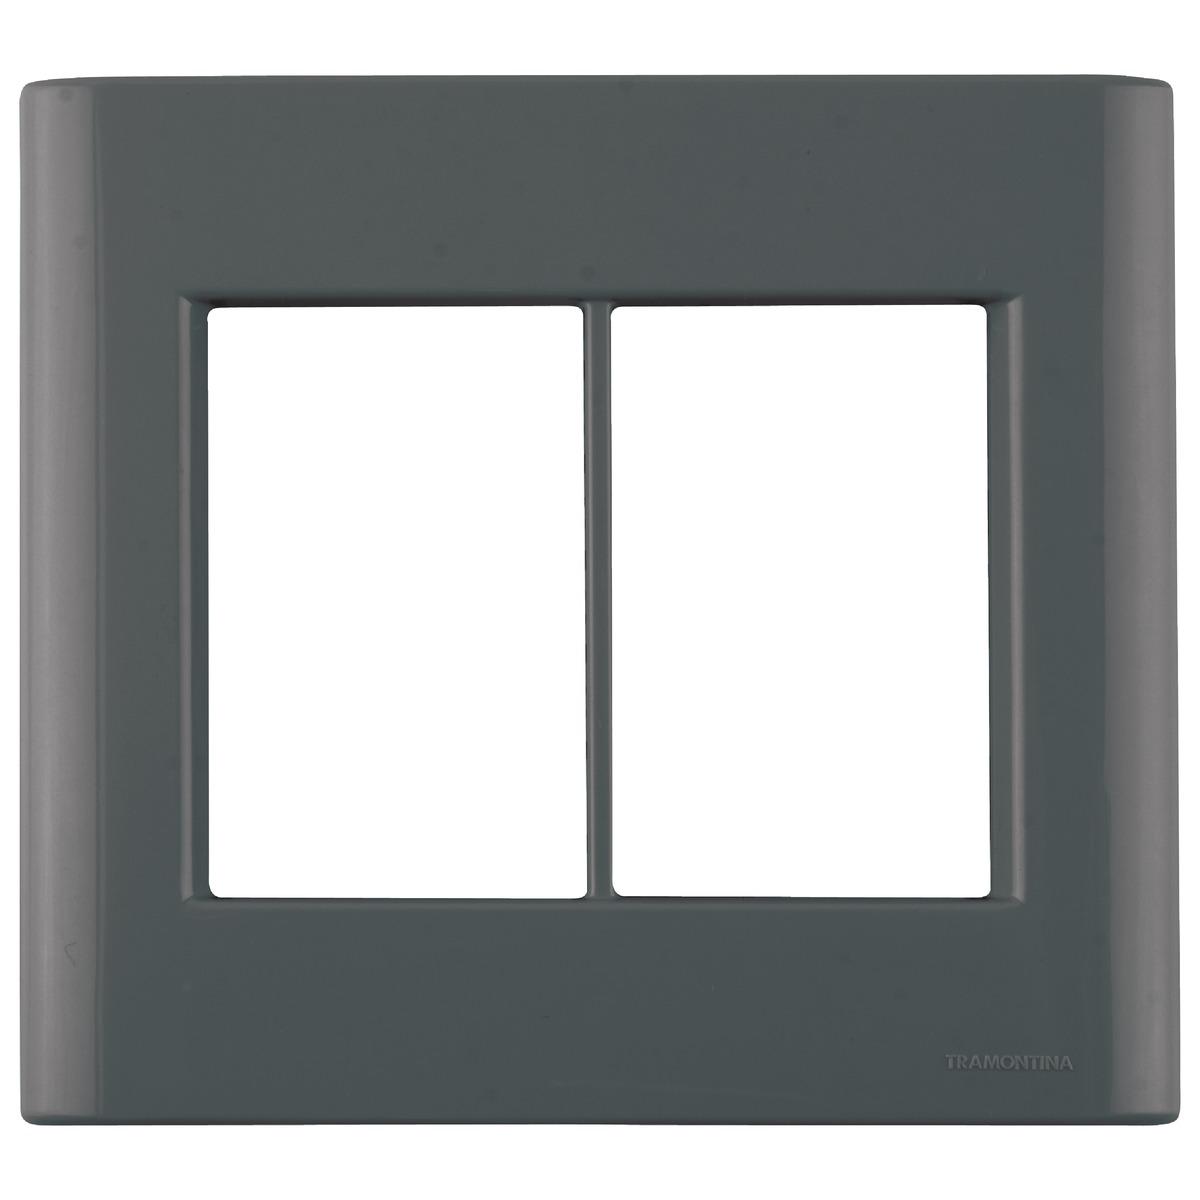 Placa 6P 4X4 GIZ 57200/078 Tramontina